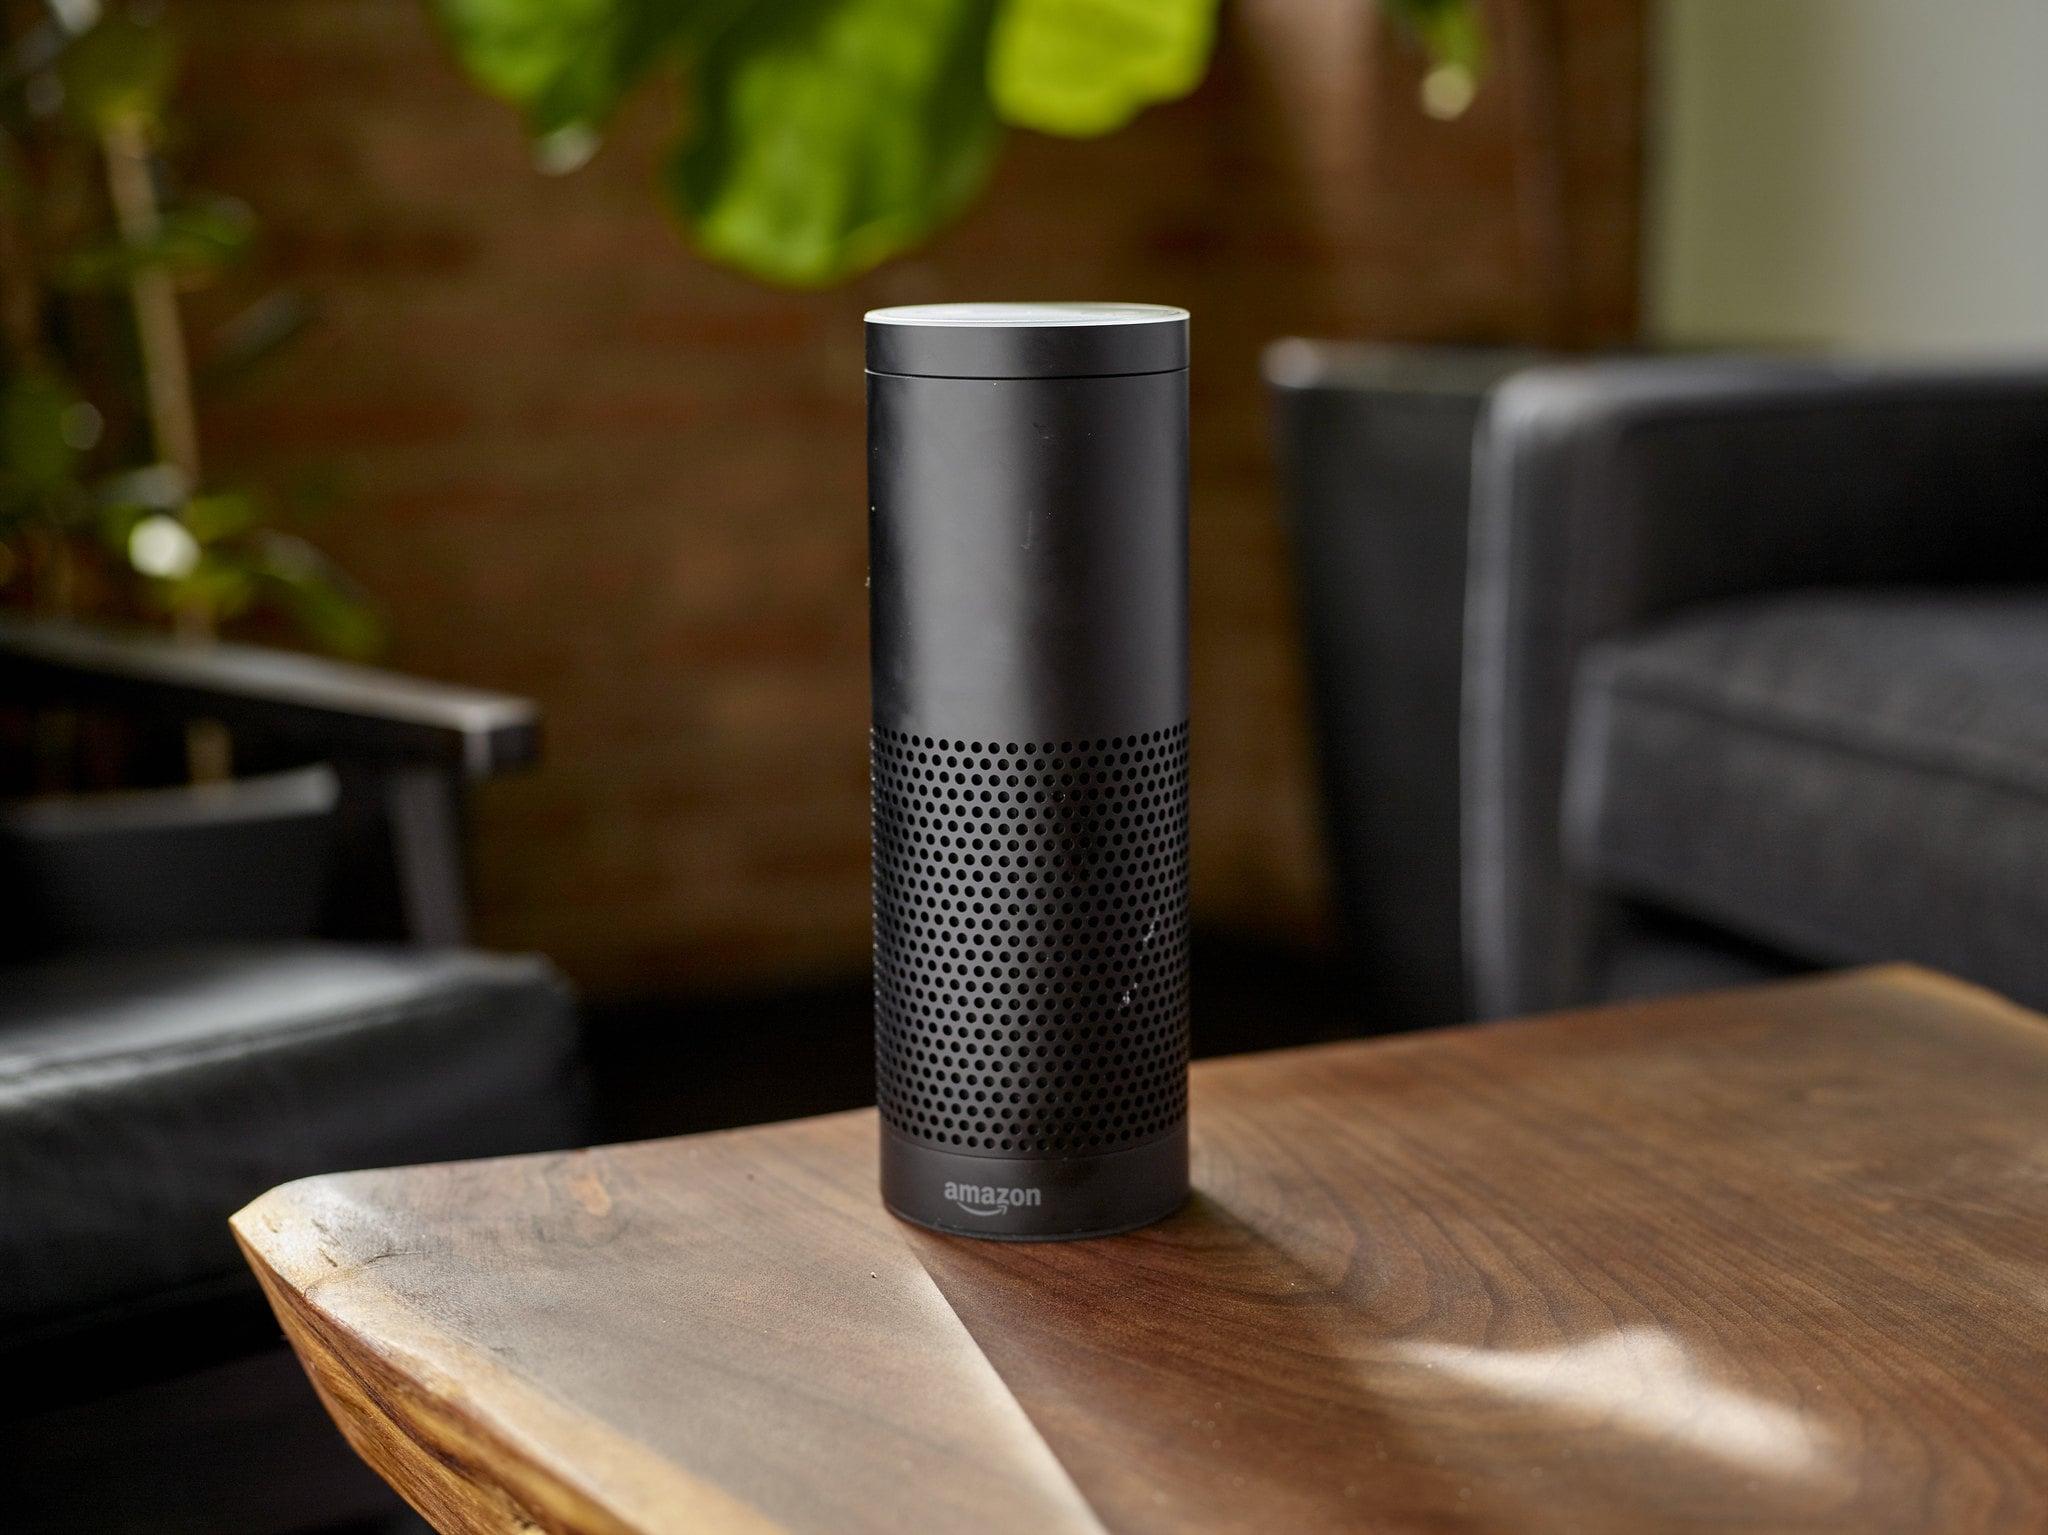 dispositivo Alexa Built in encima de una mesa